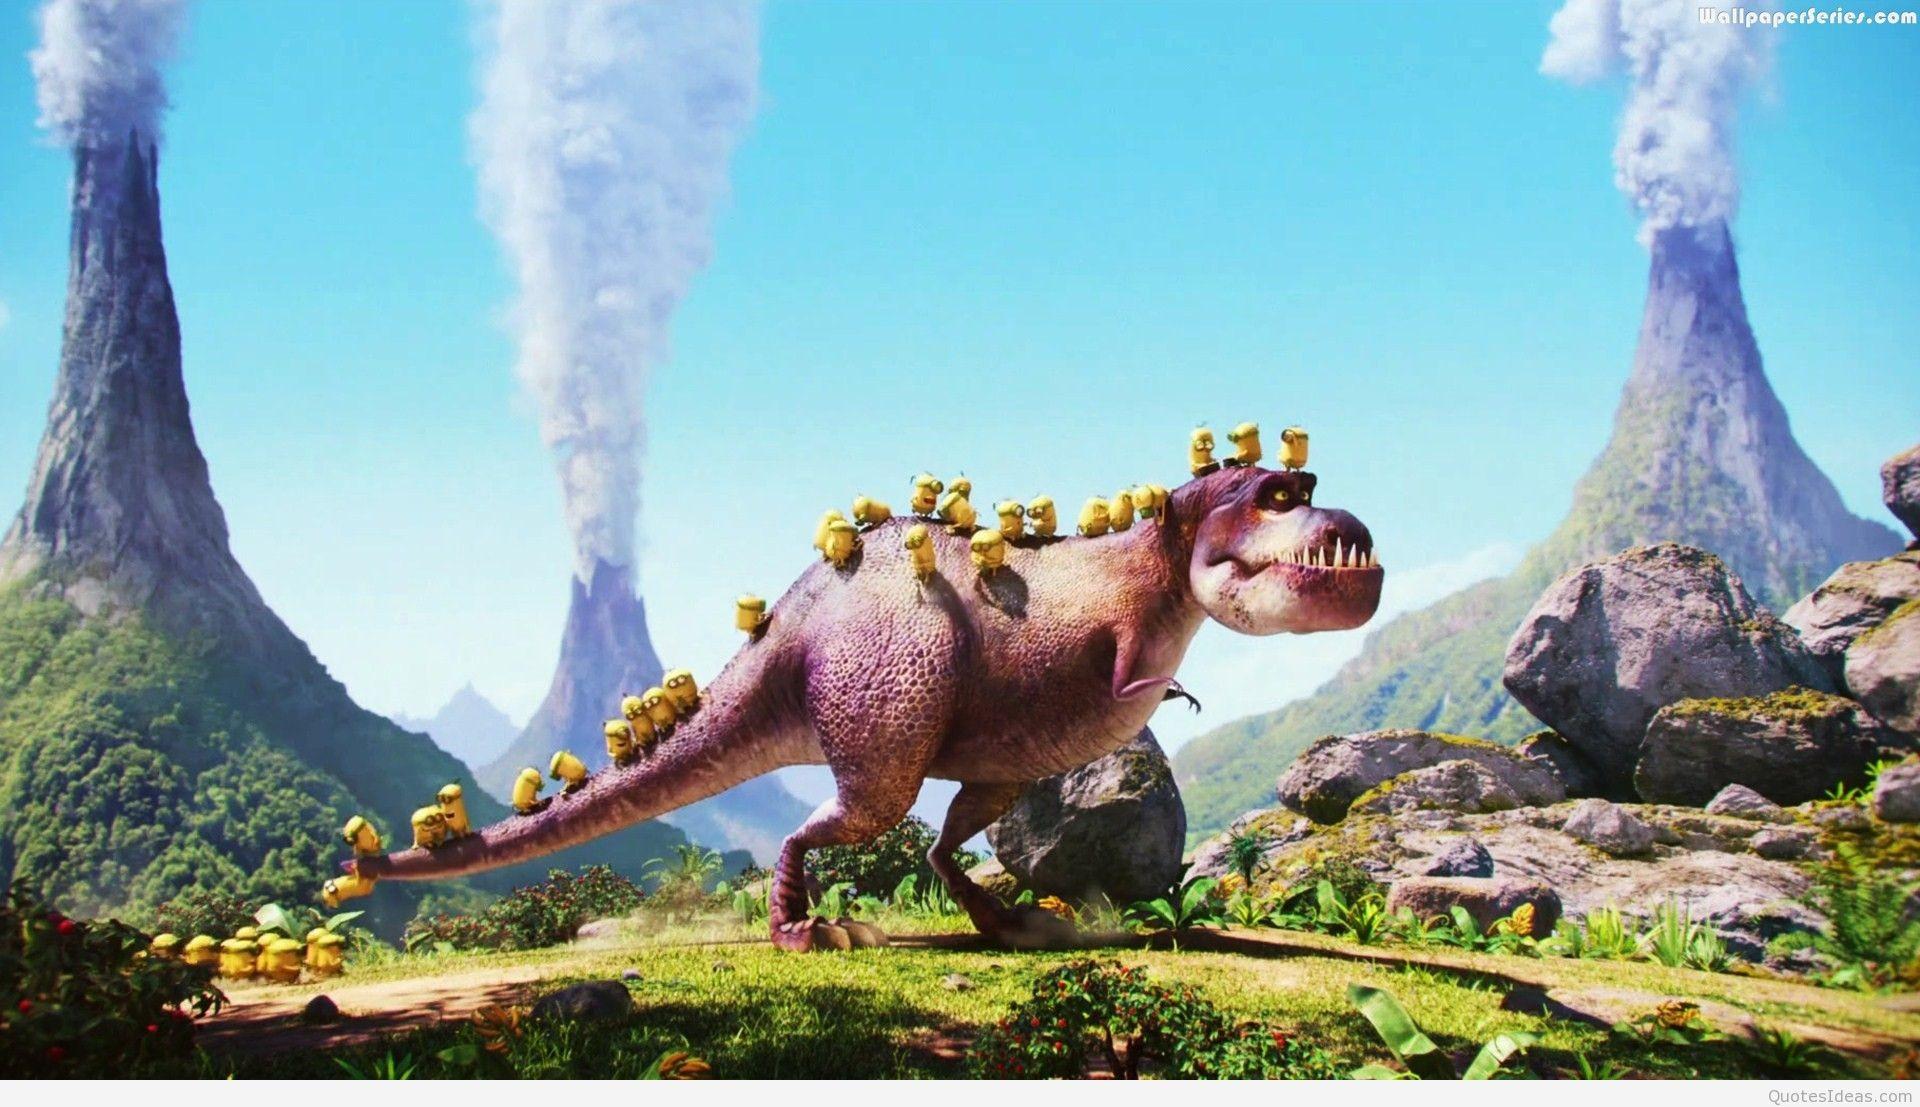 … Dinosaur-In-Minions-Wallpaper-7484